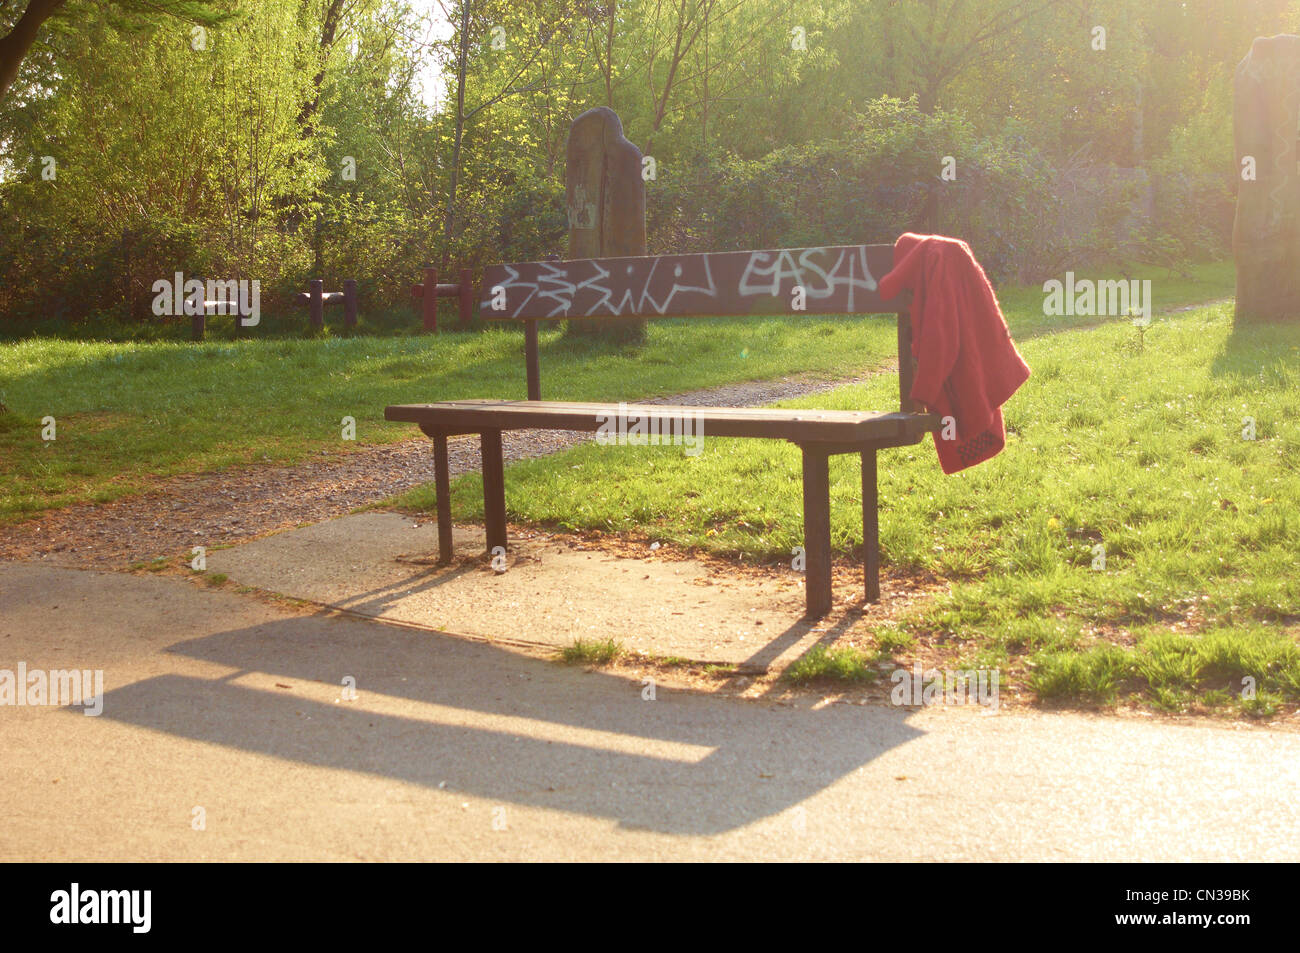 Giacca perso su una panchina nel parco Immagini Stock